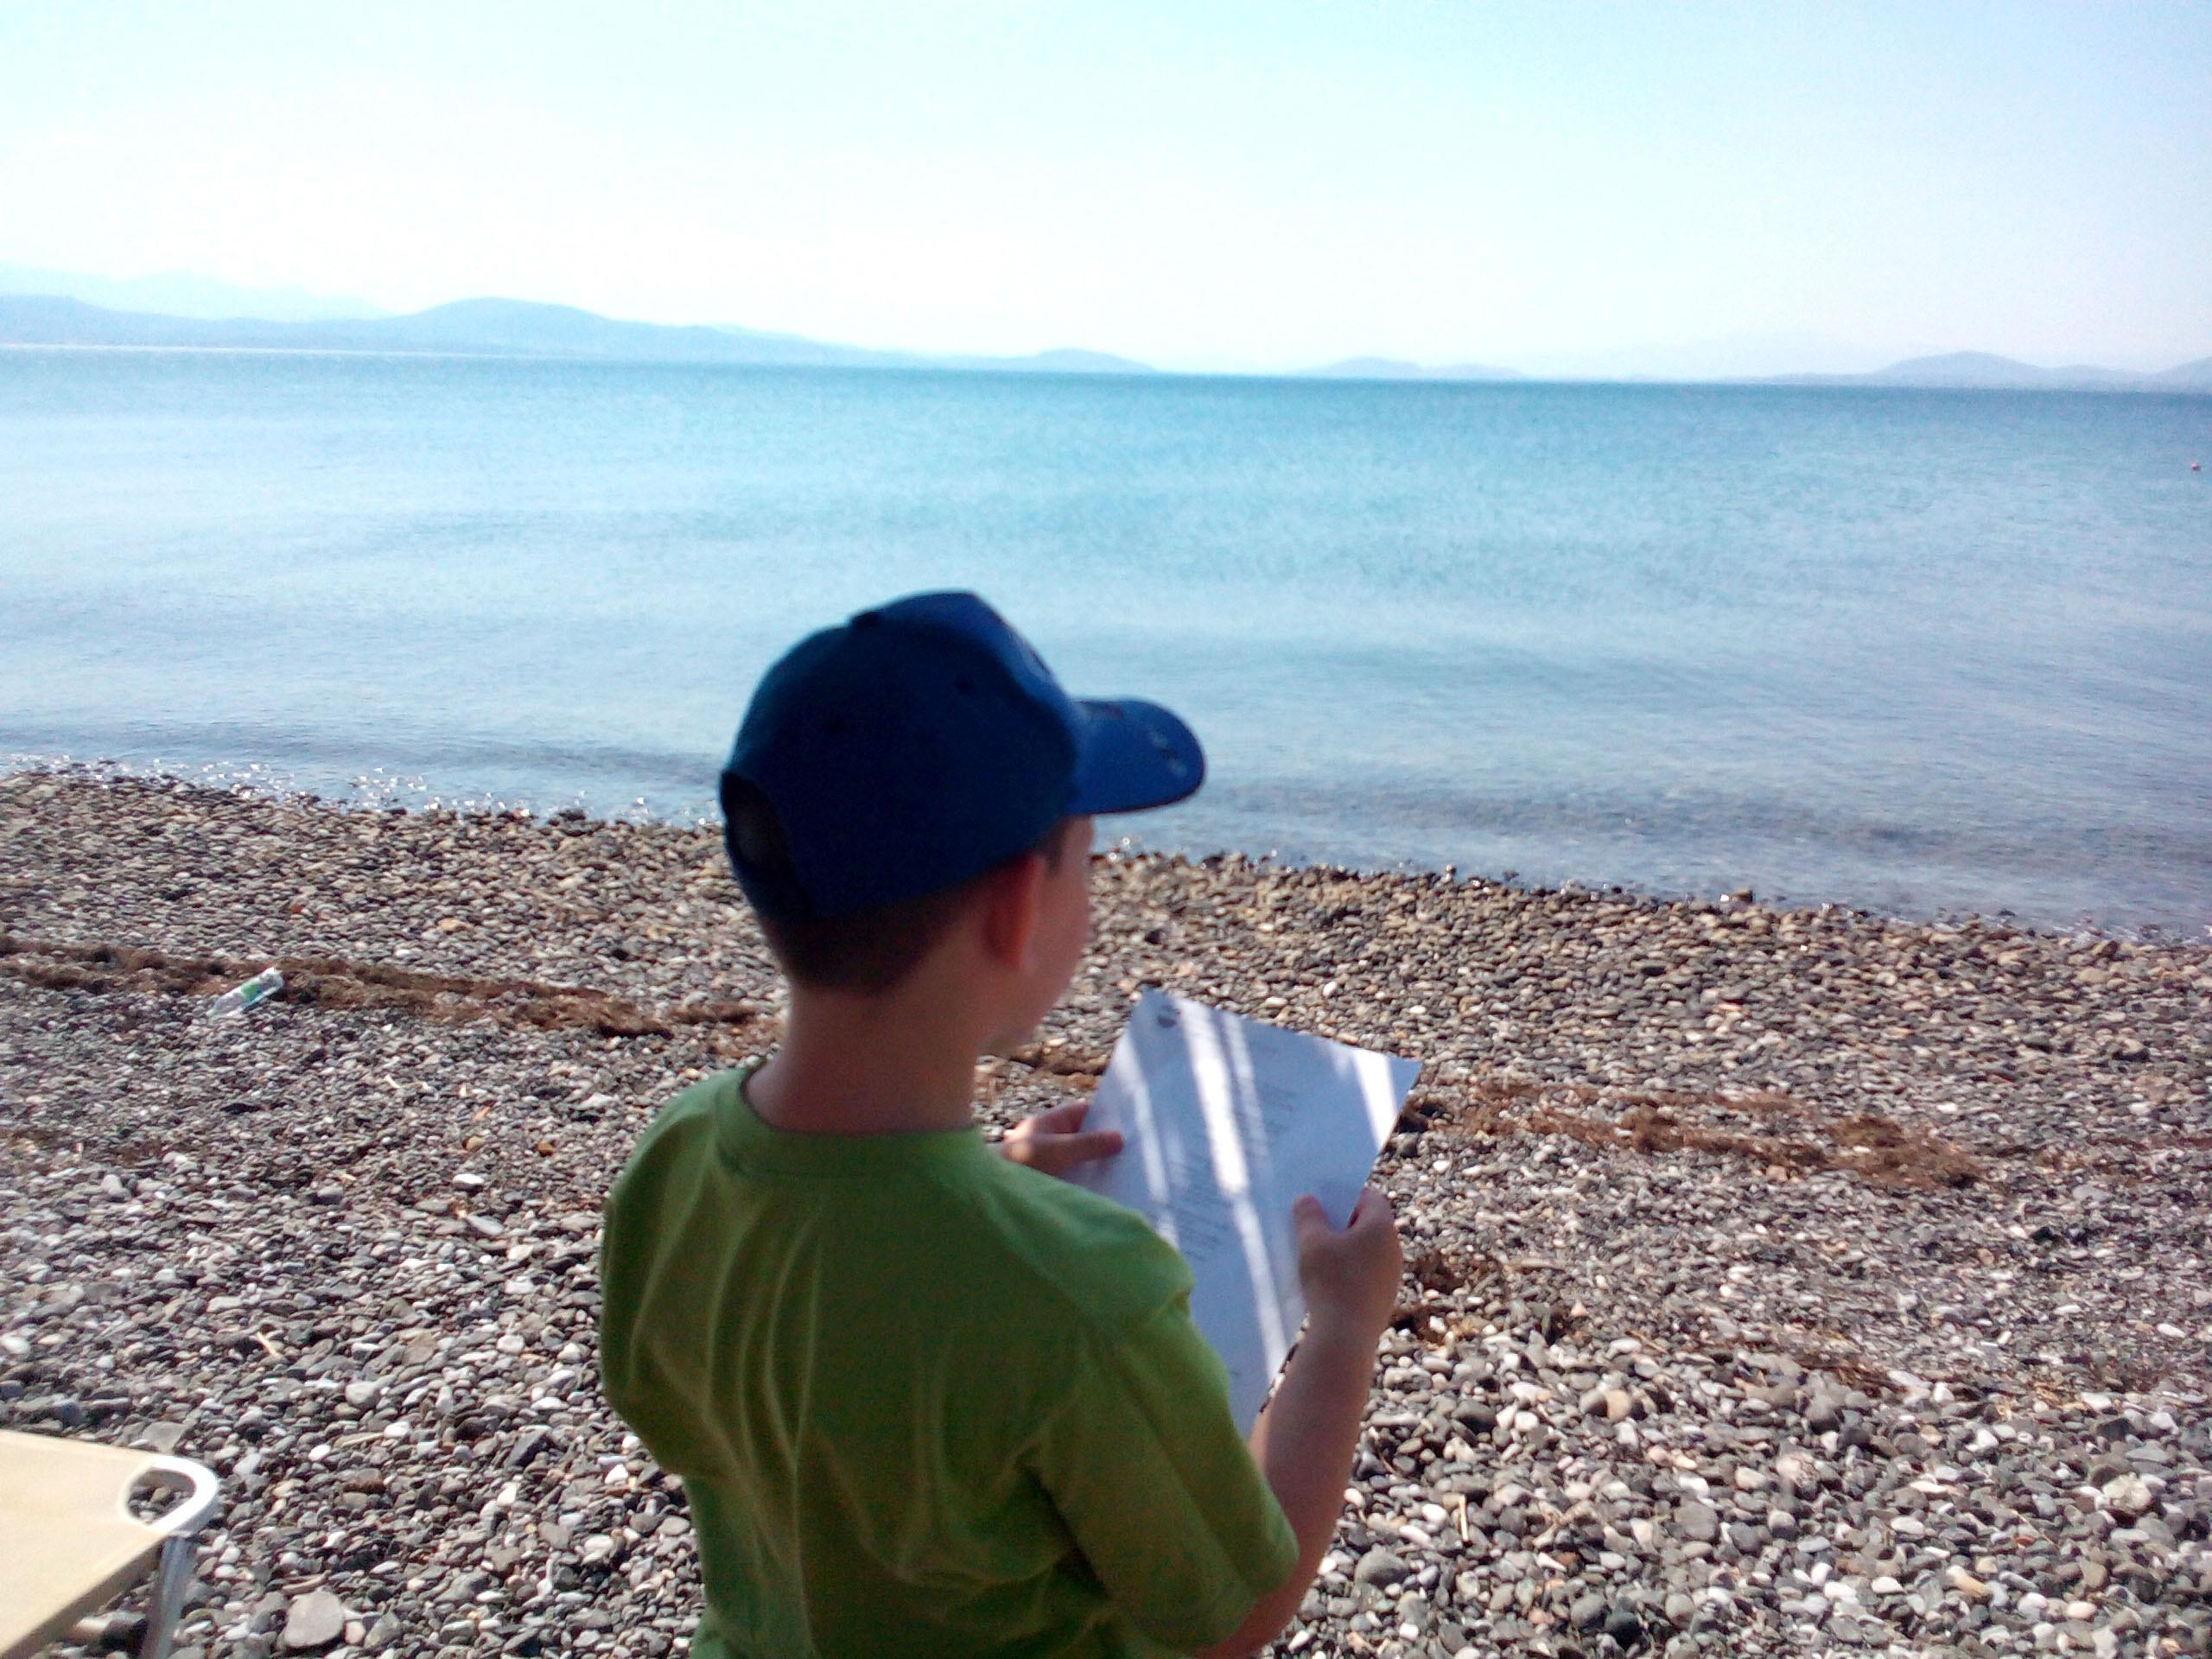 Διαβάζοντας στη θάλασσα, Δημοτική Βιβλιοθήκη Ψαχνών